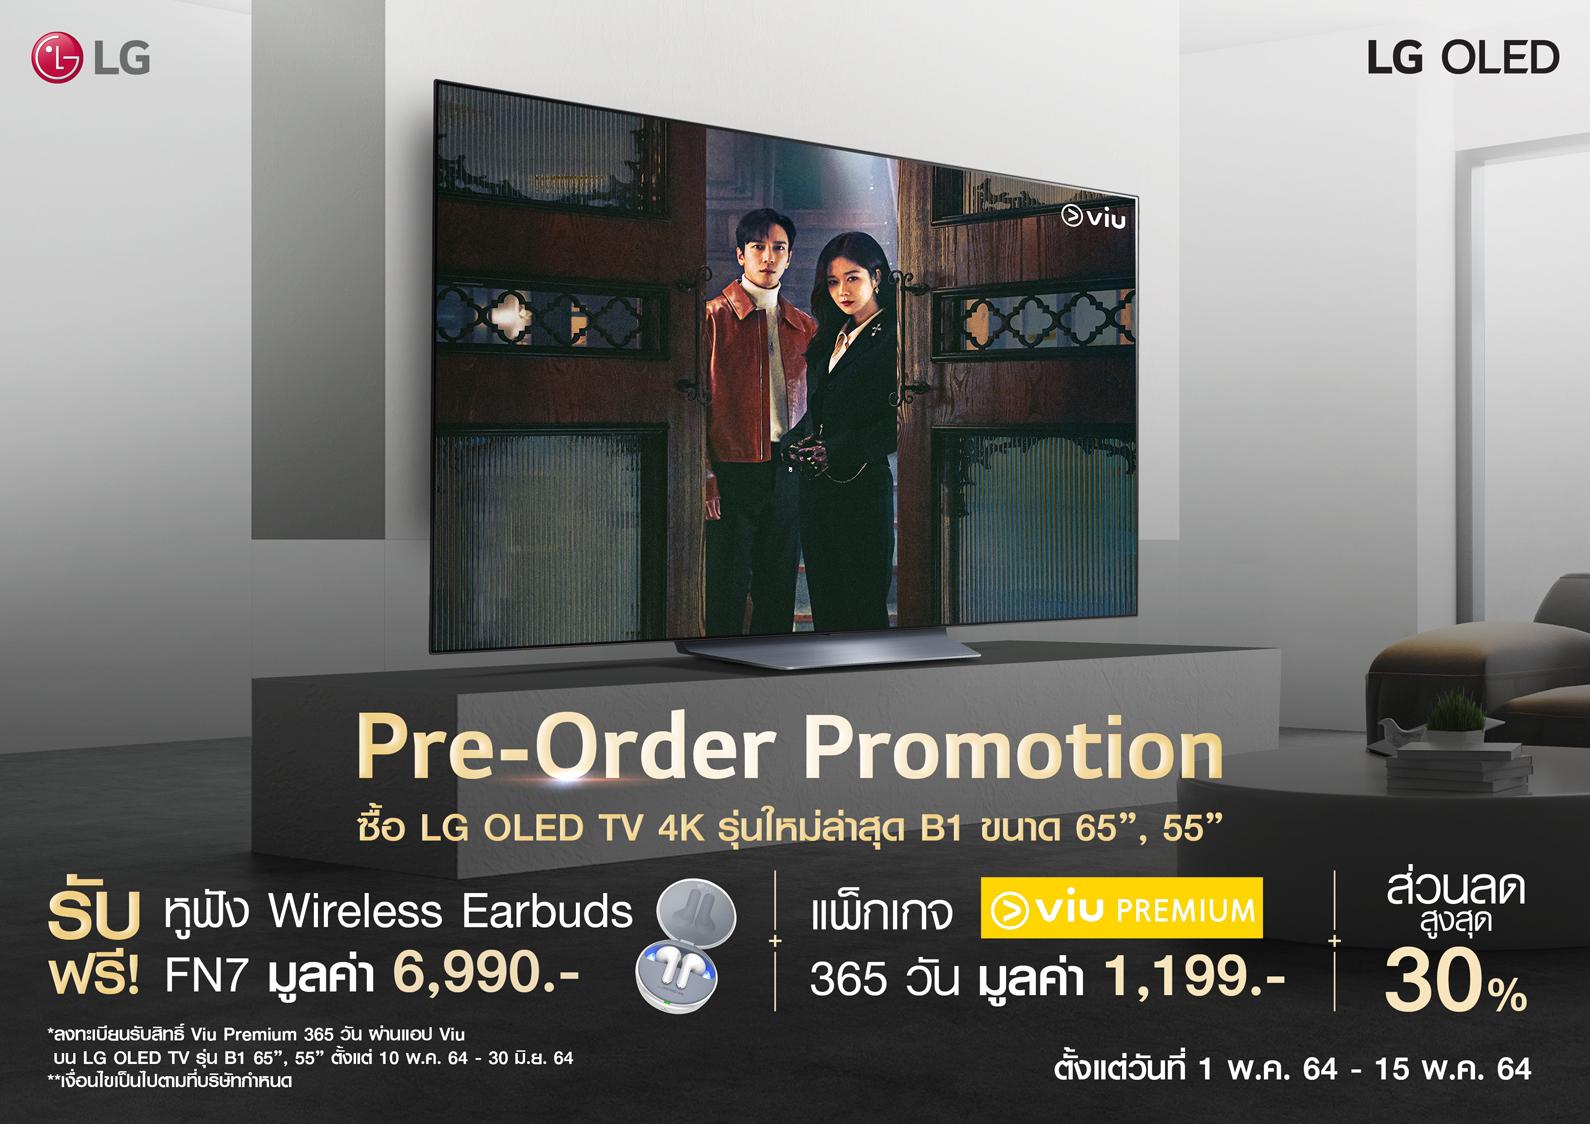 LG เปิดพรีออเดอร์ทีวี OLED รุ่นใหม่ครั้งแรกในไทย รับโปรฮอตสุดคุ้มก่อนใครเป็นเจ้าของทีวี LG OLED ซีรีส์ B1 สุดล้ำ ในราคาพิเศษ ลดสูงสุดถึง 30% รับฟรี หูฟังไร้สาย LG TONE Free FN7 และแพ็กเกจ Viu Premium ให้ชมจุใจถึง 365 วัน